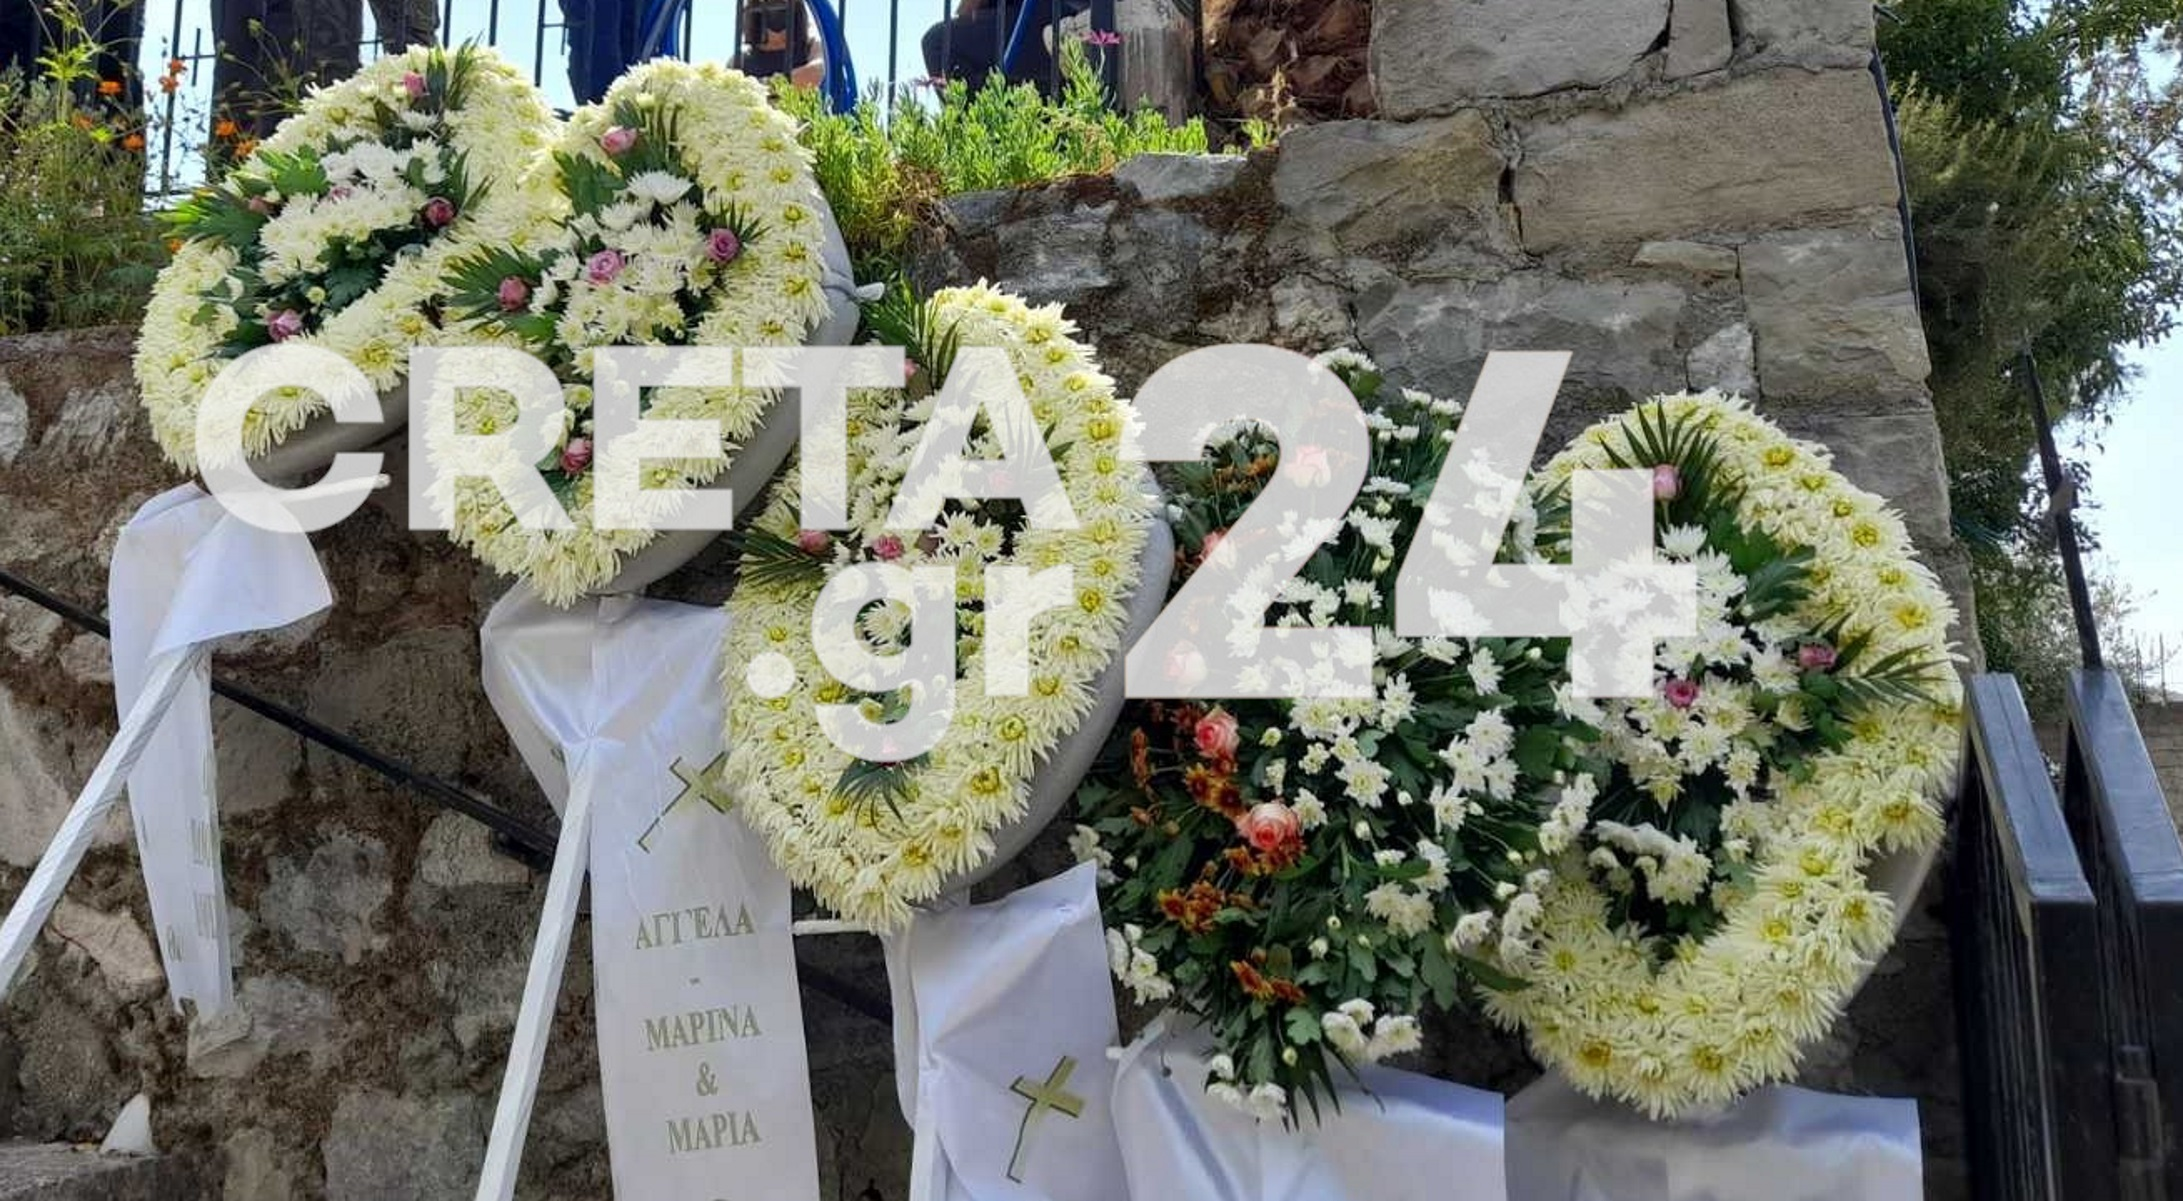 Σεισμός στην Κρήτη: Κηδεύτηκε ο 62χρονος οικοδόμος – Το τάμα στην εκκλησία όπου σκοτώθηκε